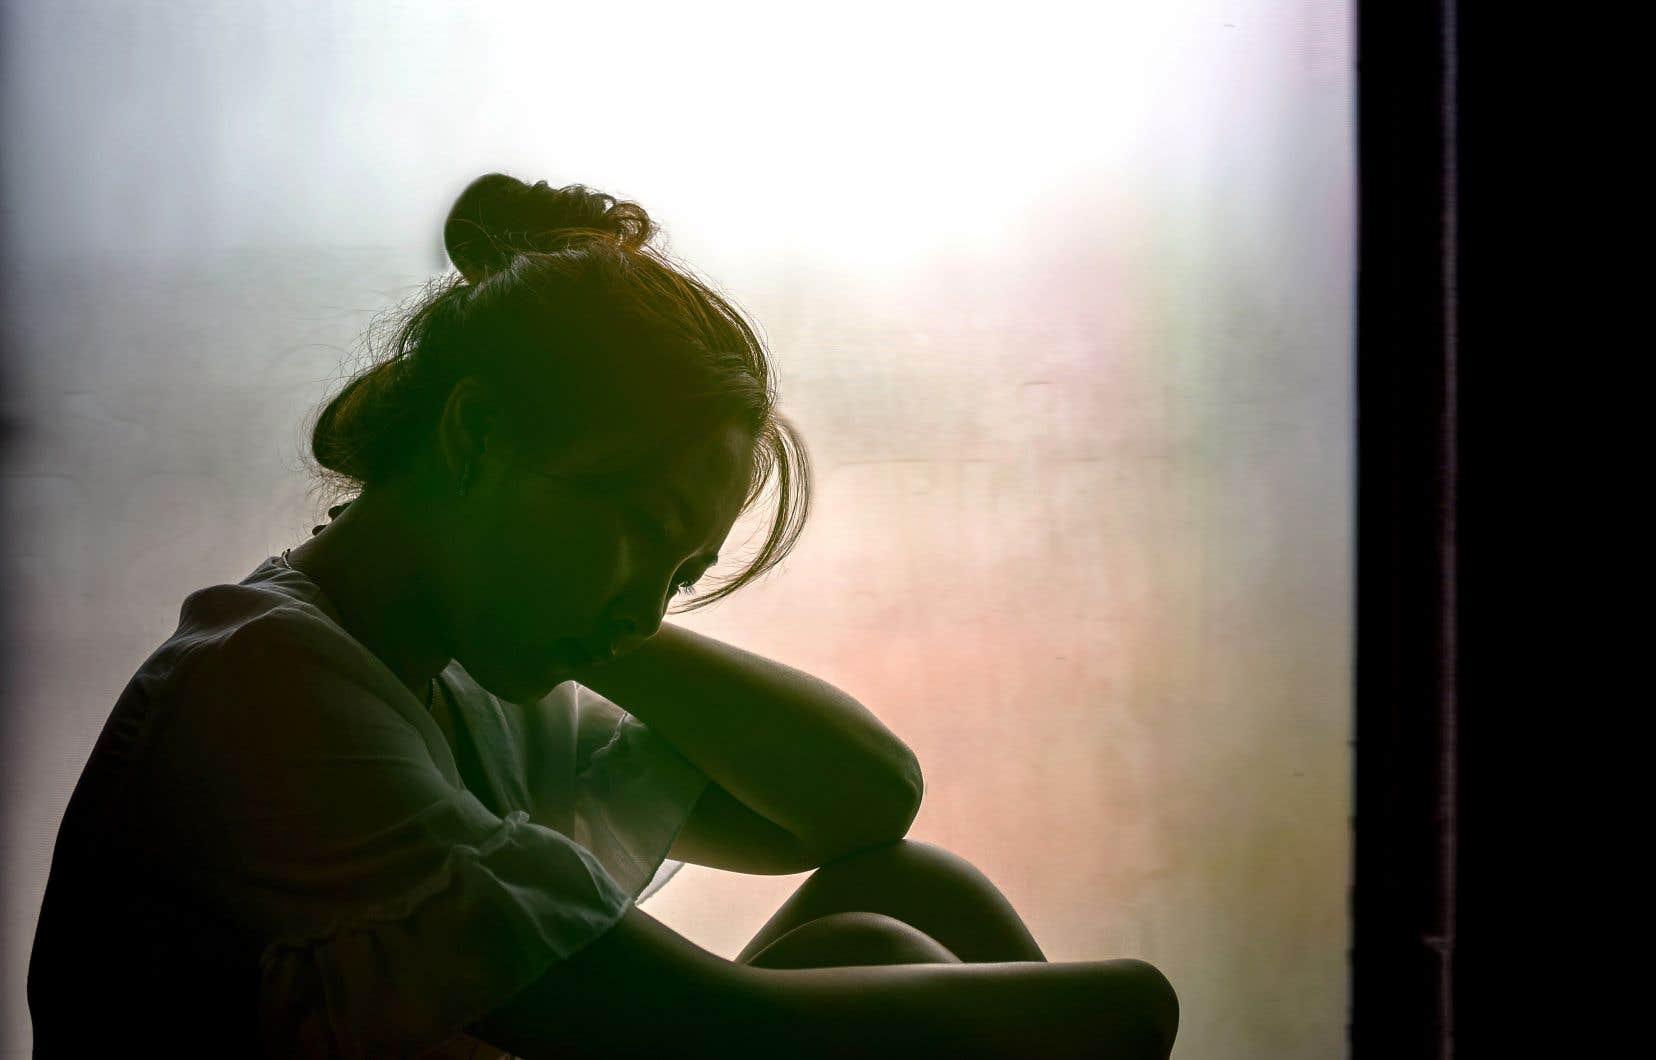 L'enquête du coroner en cours vise à trouver des moyens d'améliorer la prévention du suicide.